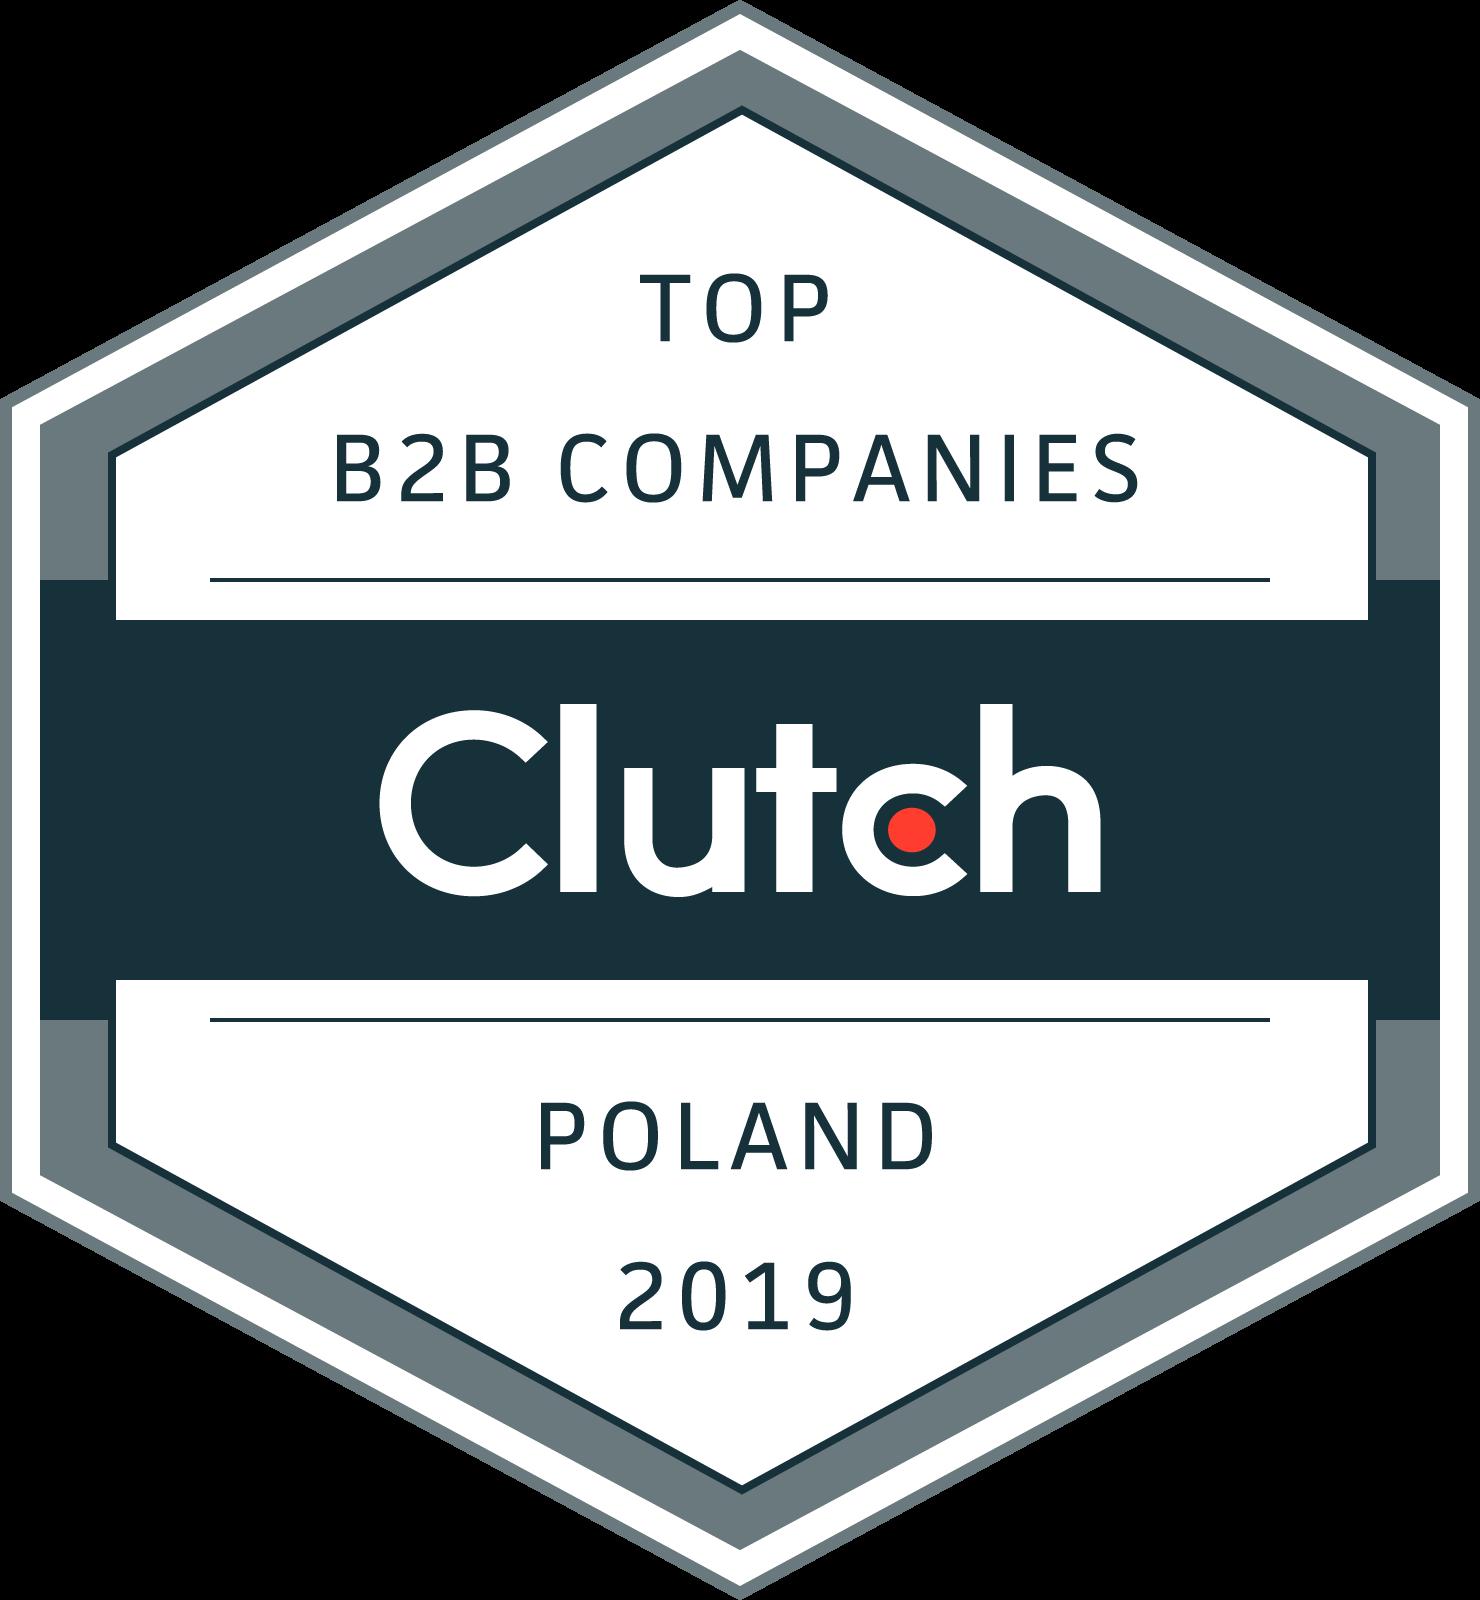 TOP B2B COMPANIES Clutch POLAND 2019